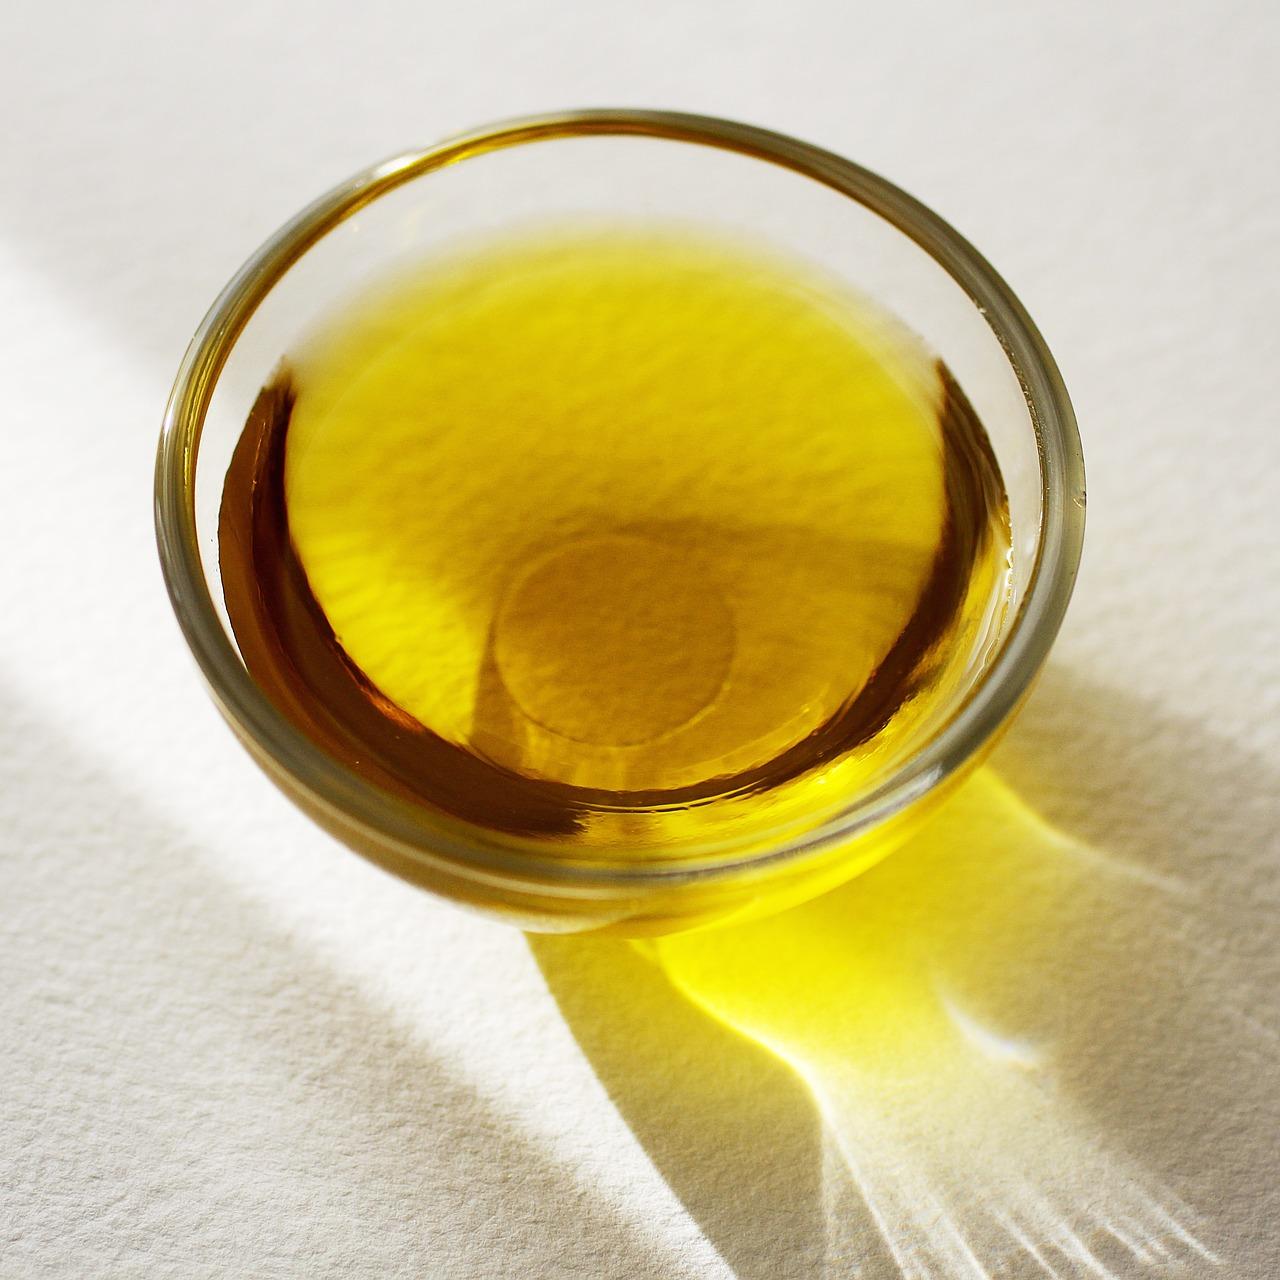 Sabor y salud de Huelva: el aceite de oliva de Gibraleón cuyo prestigio traspasa fronteras